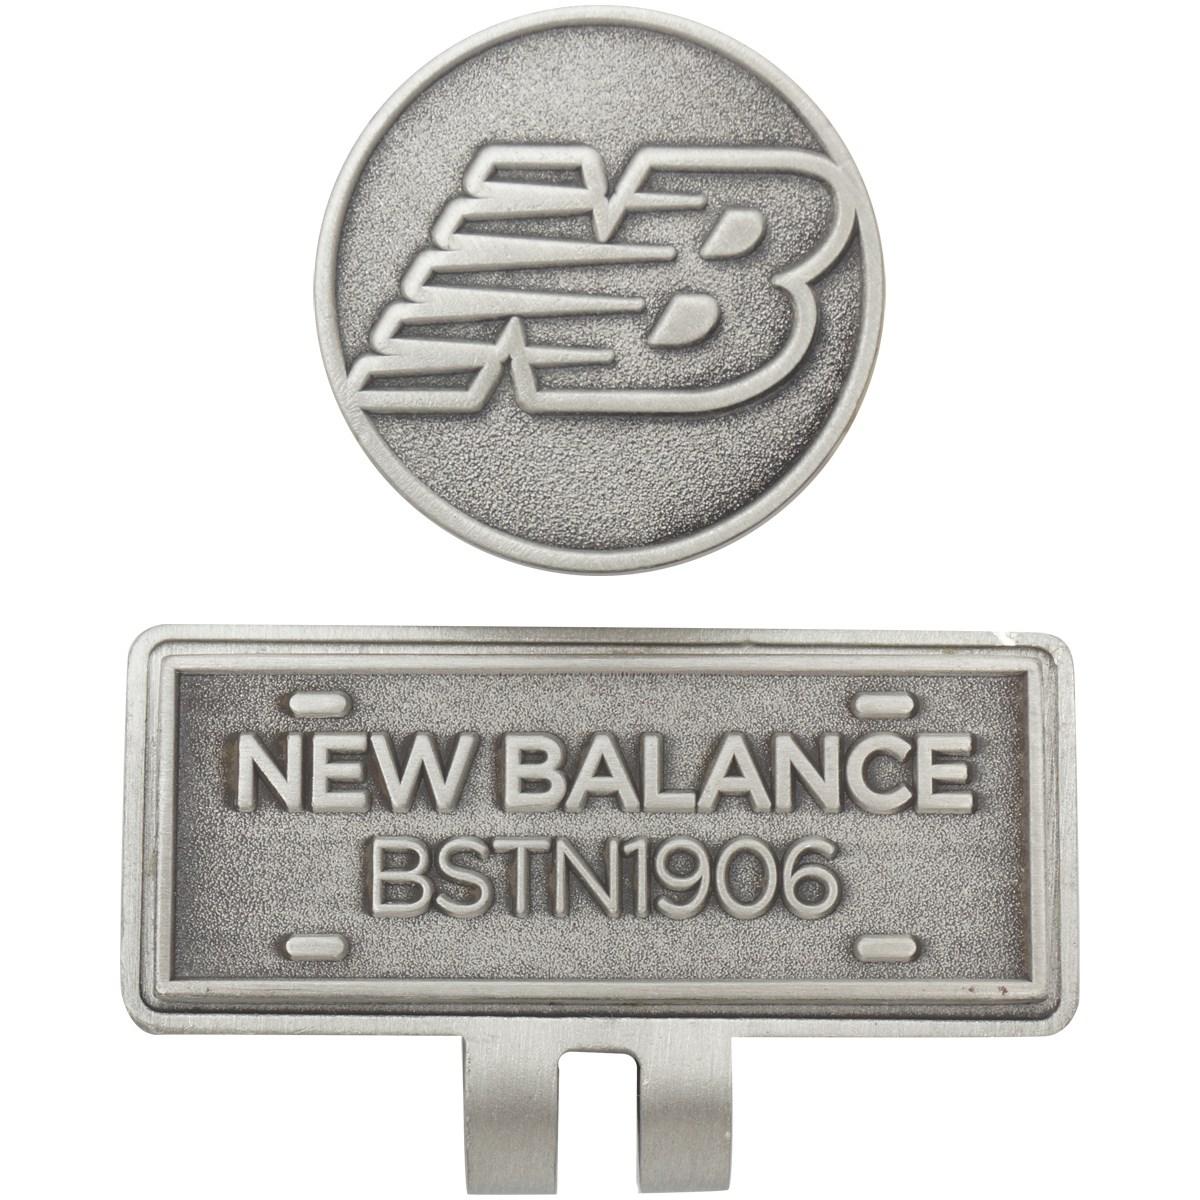 ニューバランス METRO NBメダル クリップマーカー